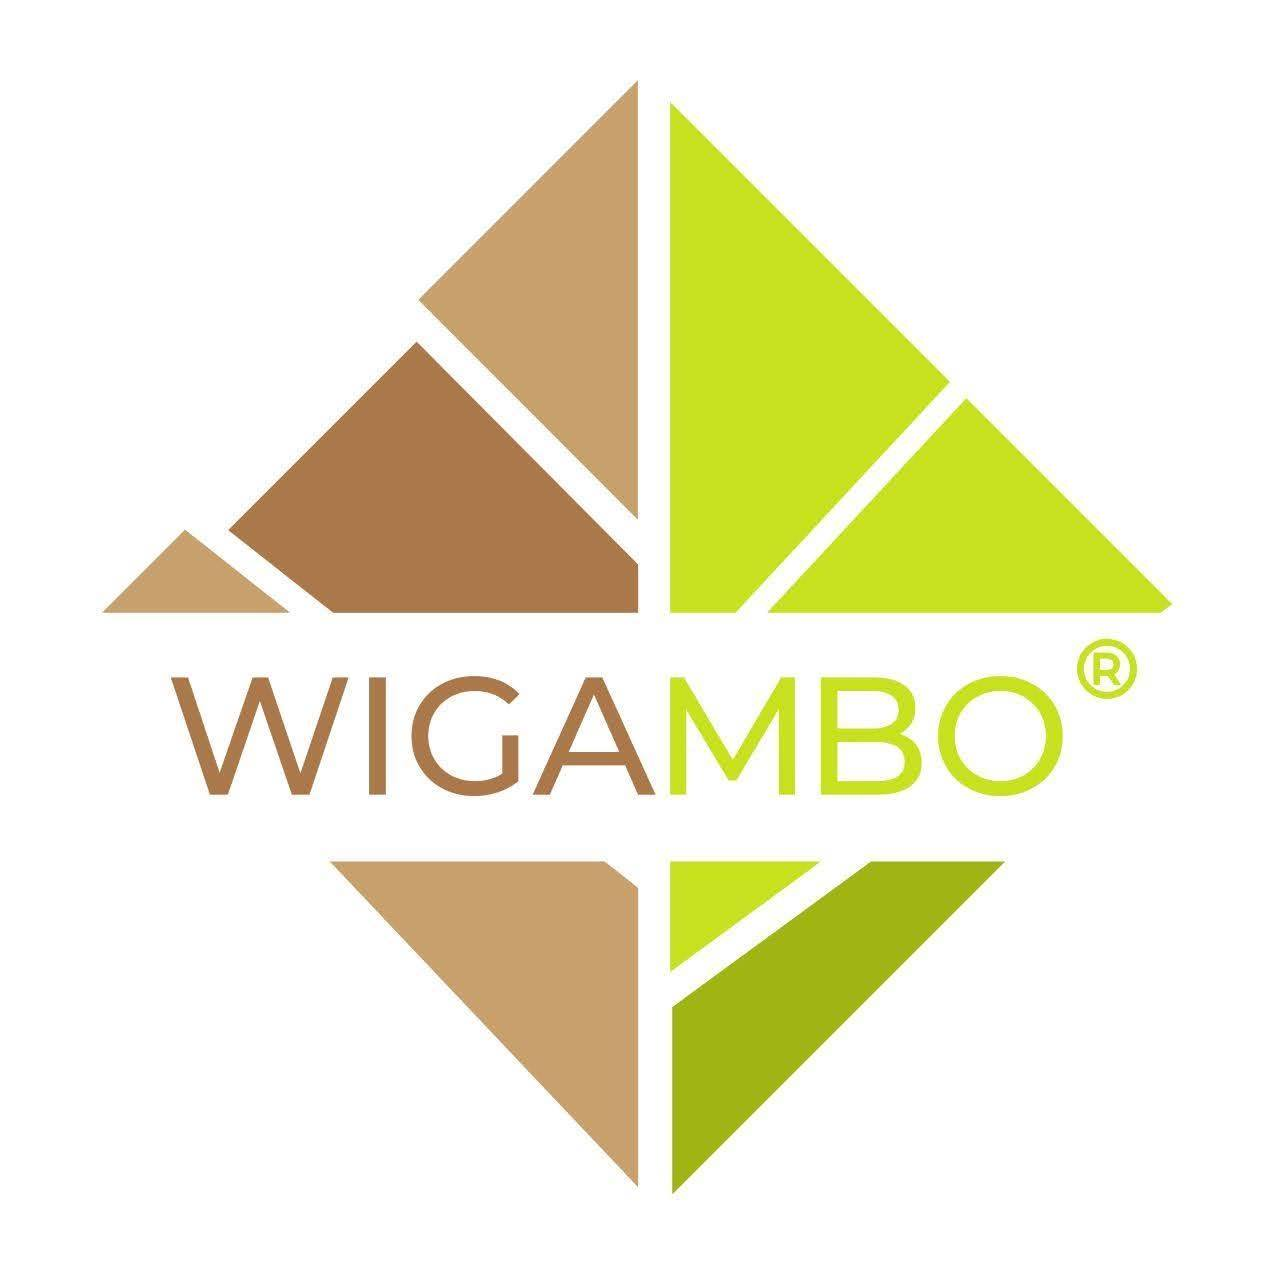 Wigambo